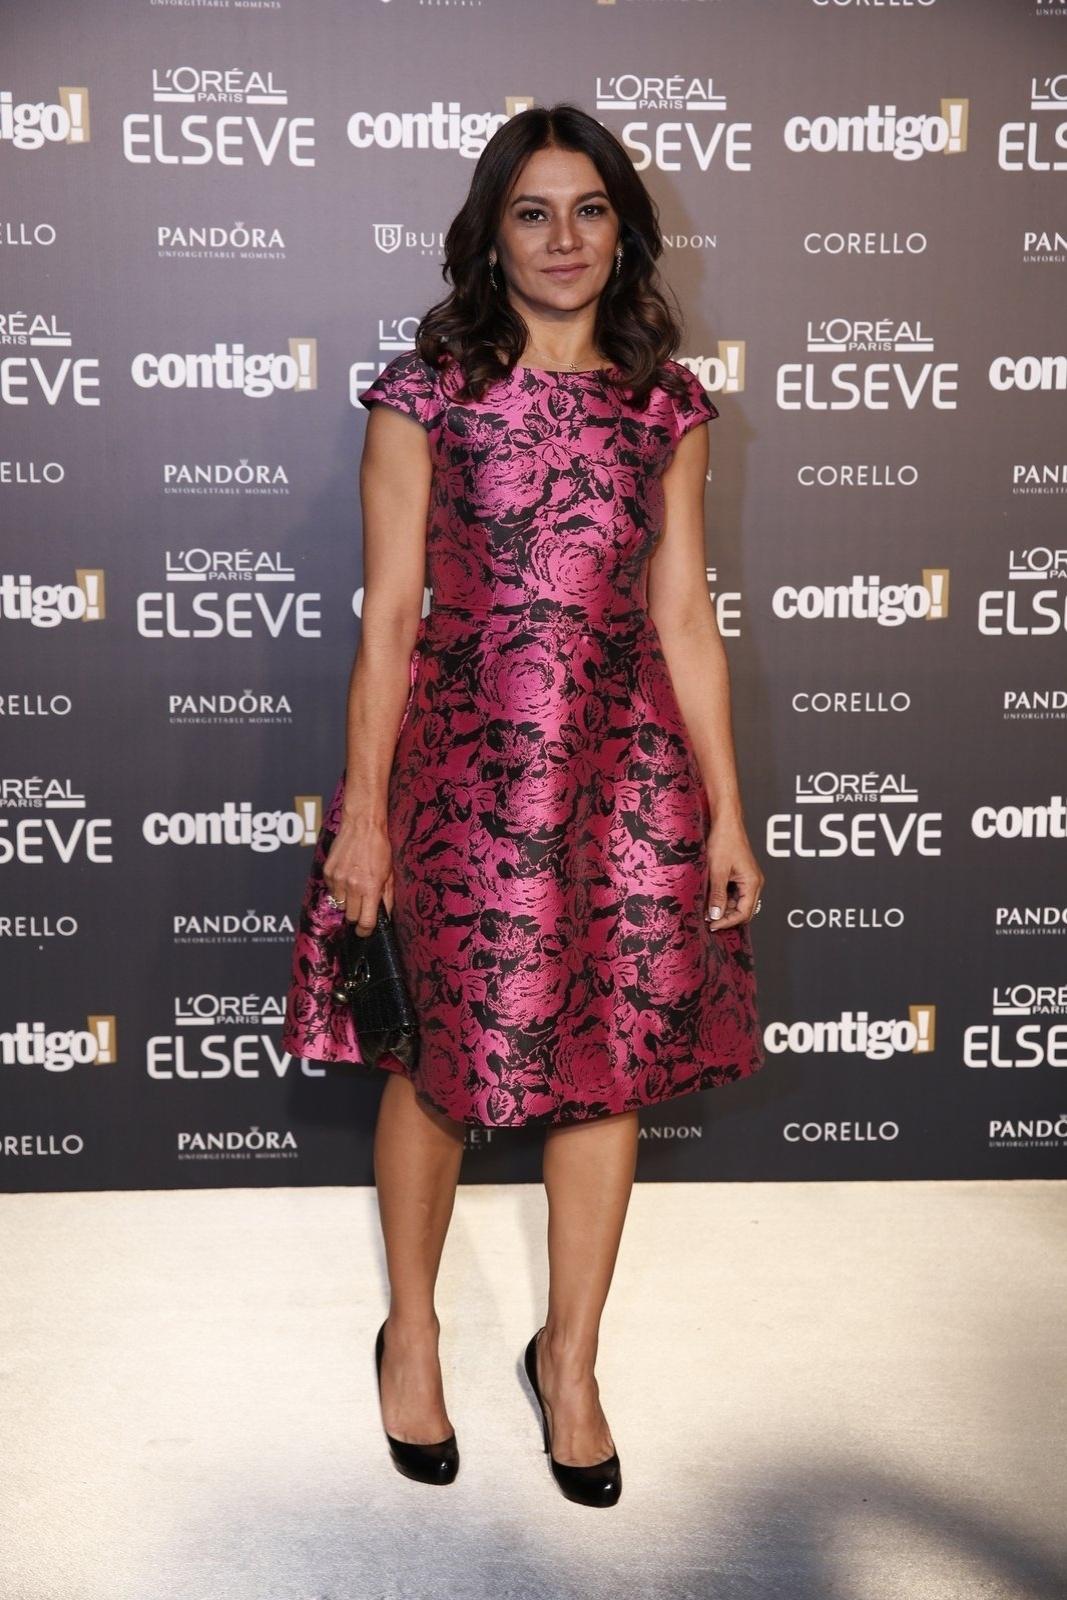 28.jul.2014 - A atriz Dira Paes prestigou a 16ª edição do Prêmio Contigo! de TV, realizado no hotel Copacabana Palace, no Rio. Ela concorreu ao troféu de atriz de minissérie por